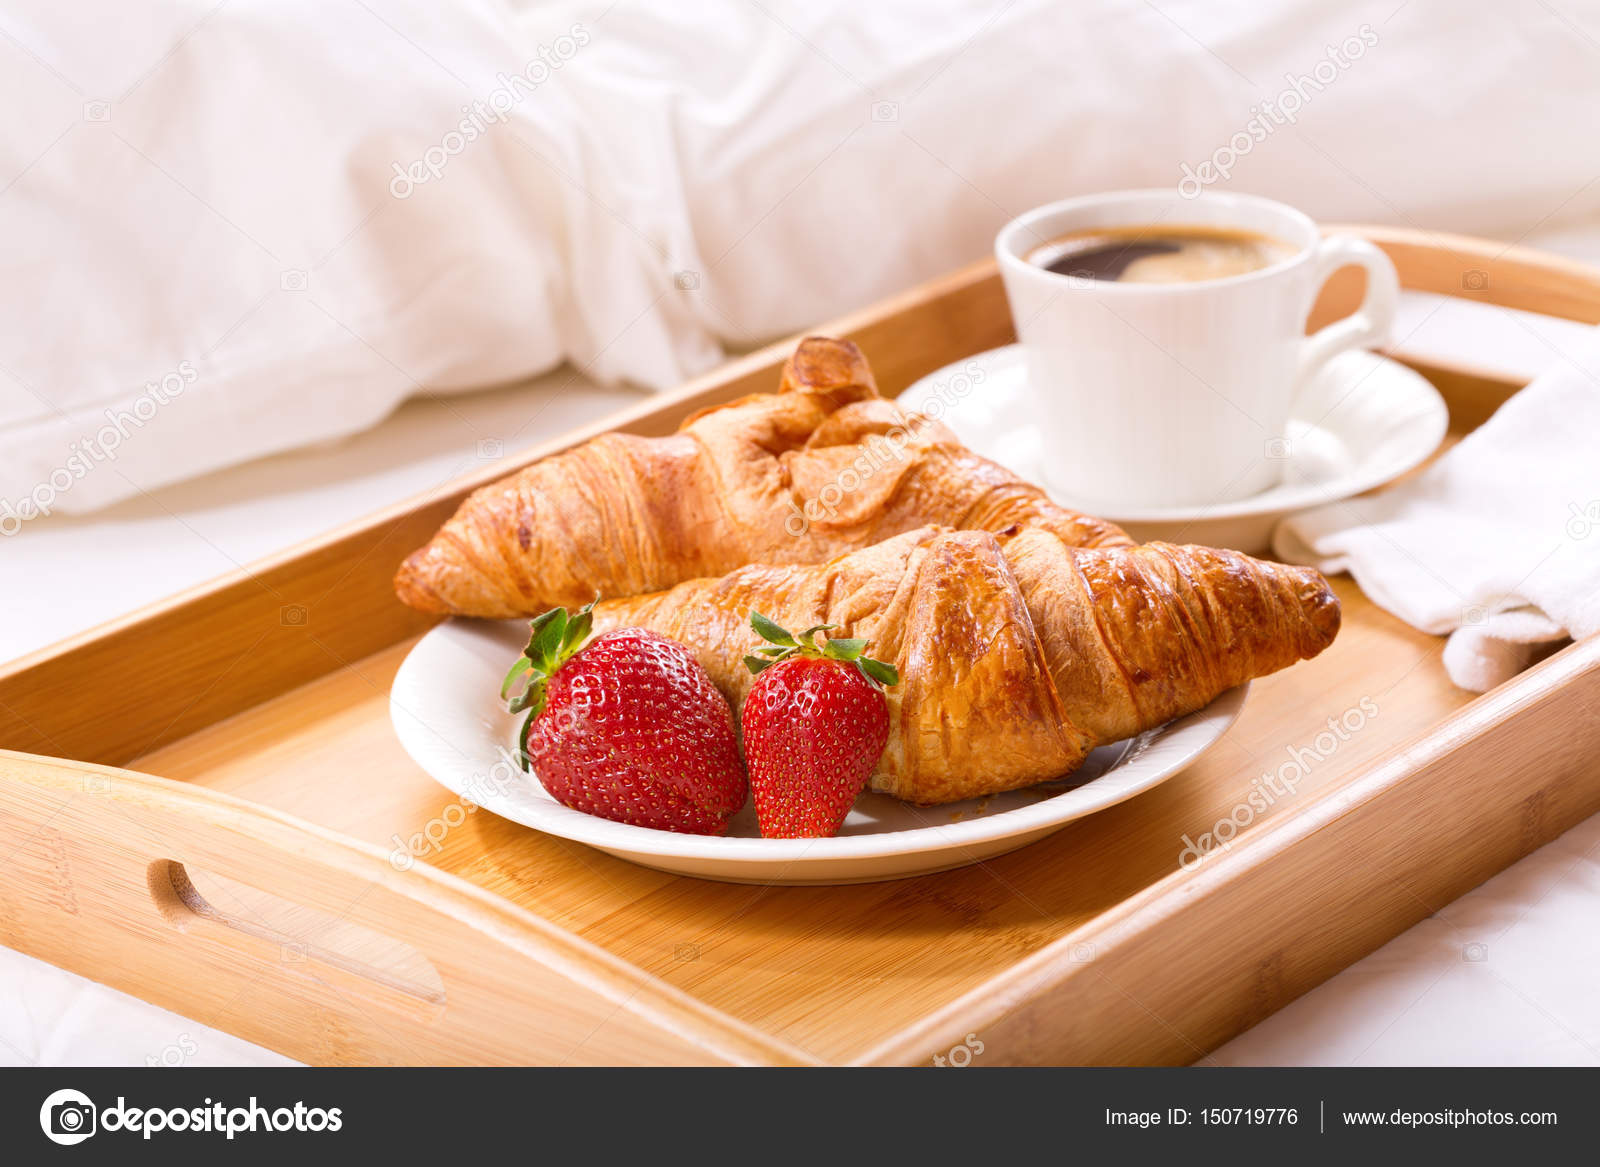 Frühstückstablett frühstückstablett ans bett serviert stockfoto nitrub 150719776